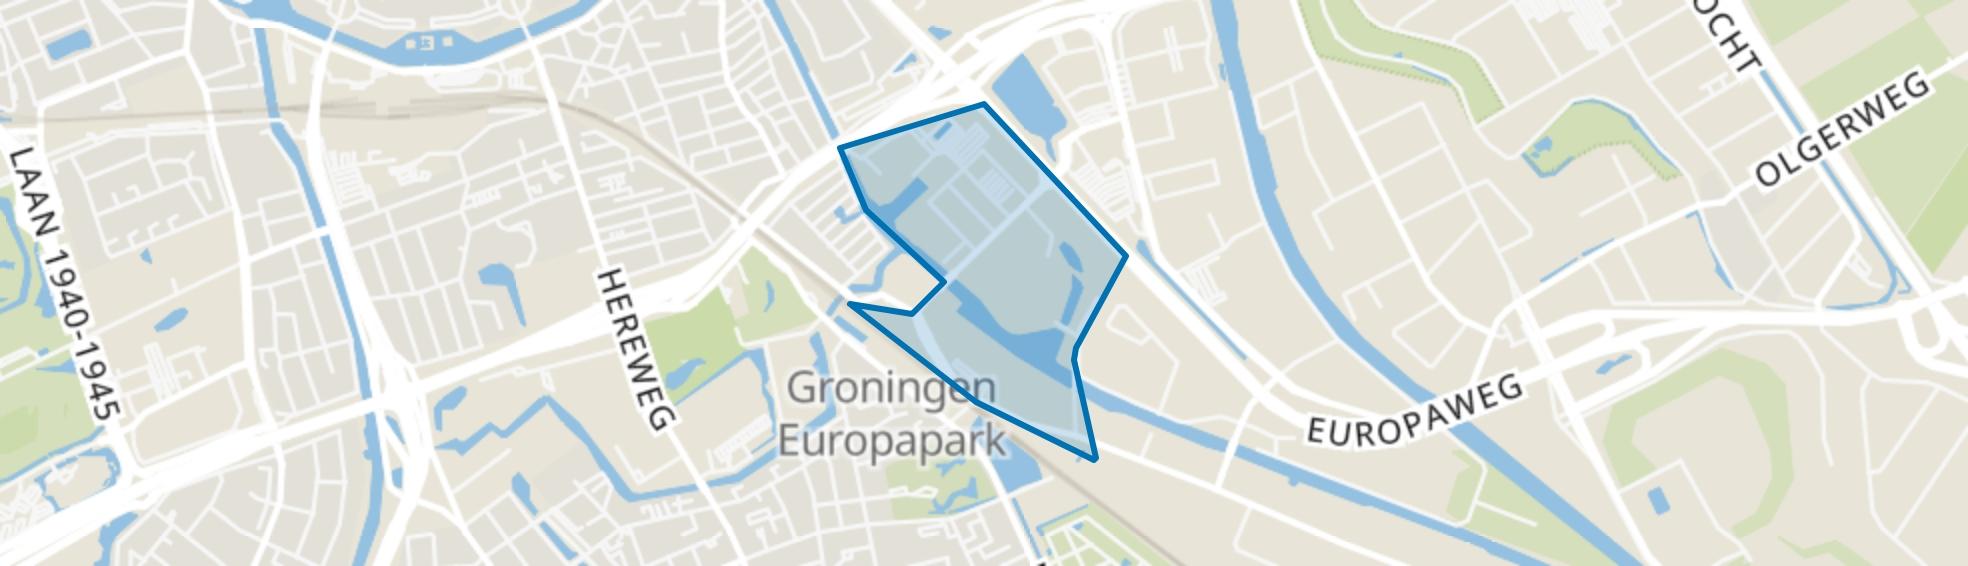 Europapark, Groningen map